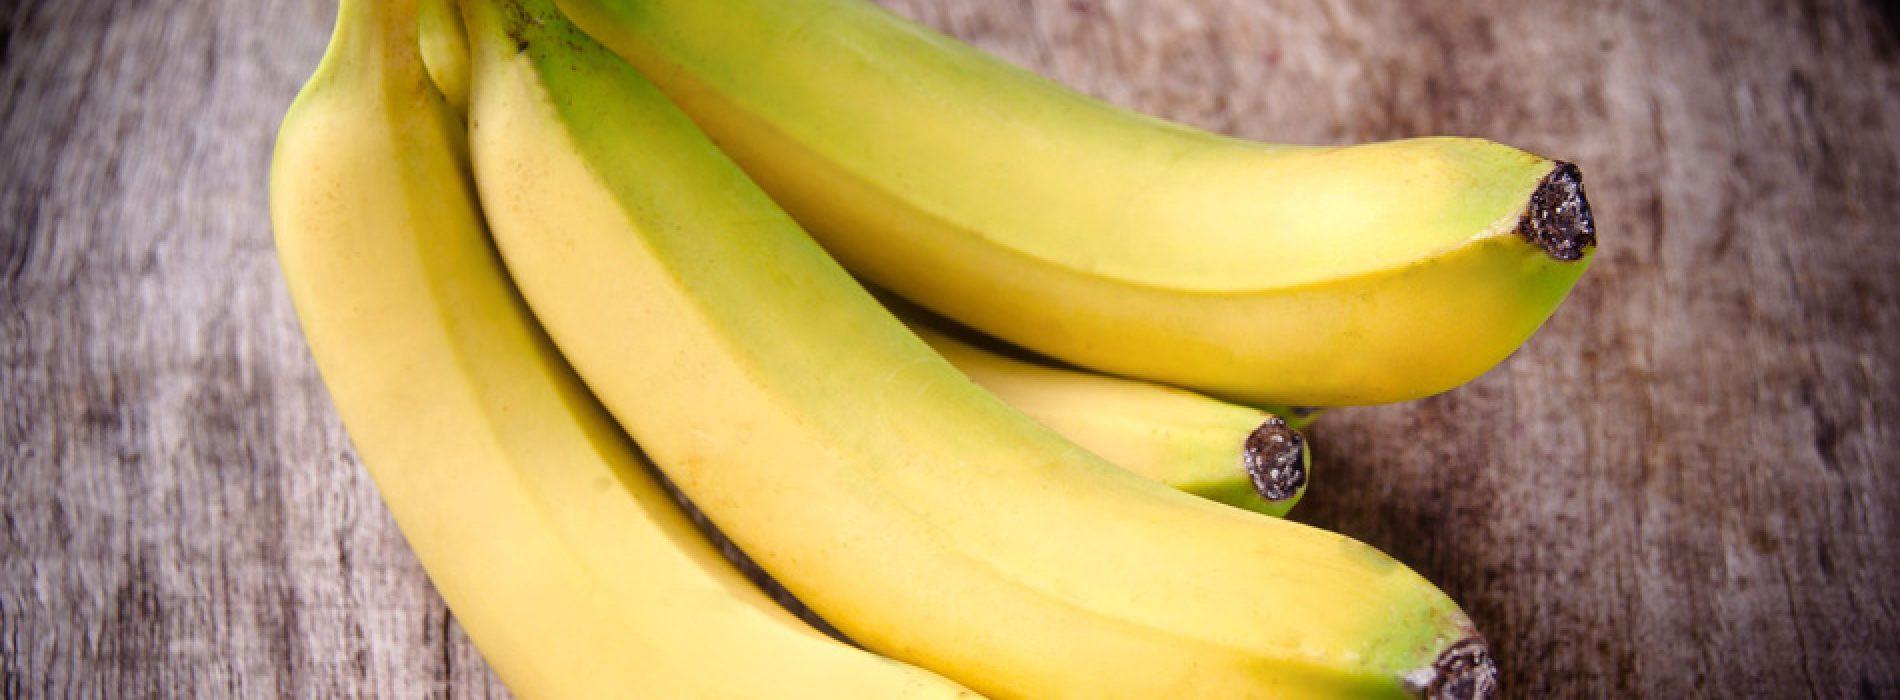 Als je van bananen houdt, moet je deze 10 schokkende feiten zeker lezen (Nr. 6 is heel belangrijk).